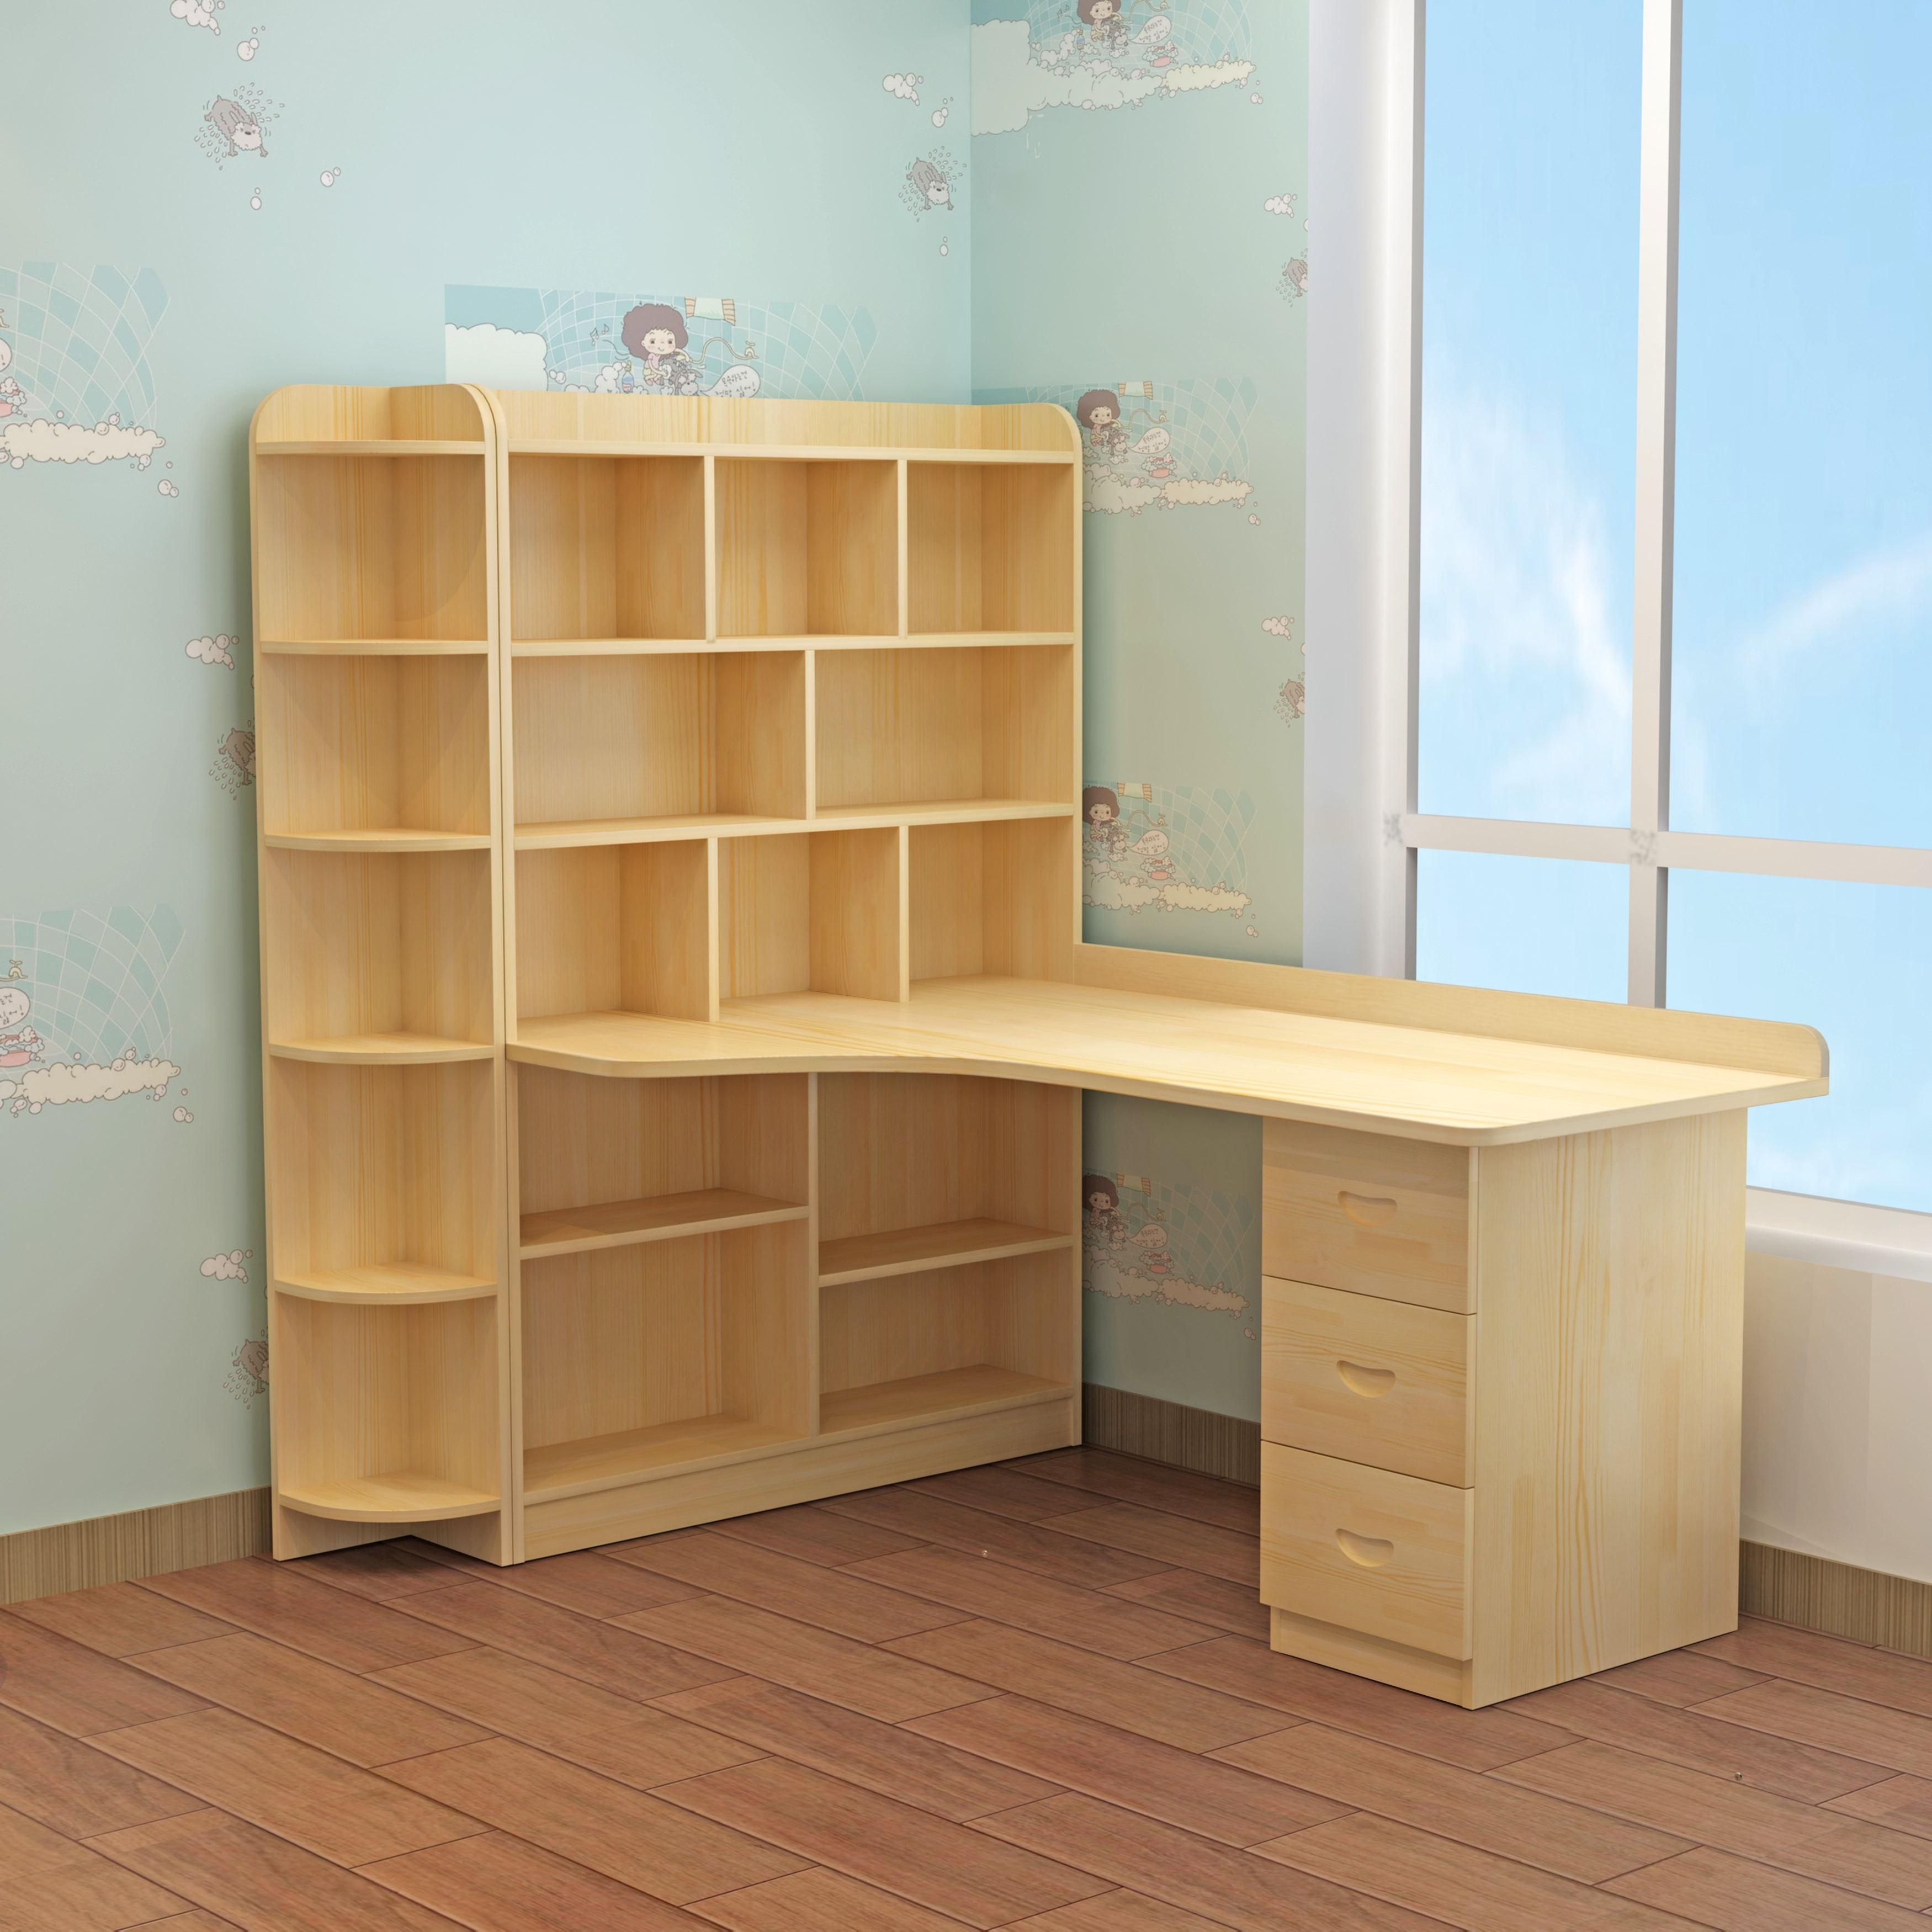 实木转角台式电脑桌书桌家用卧室拐角书架组合书柜儿童学习写字台